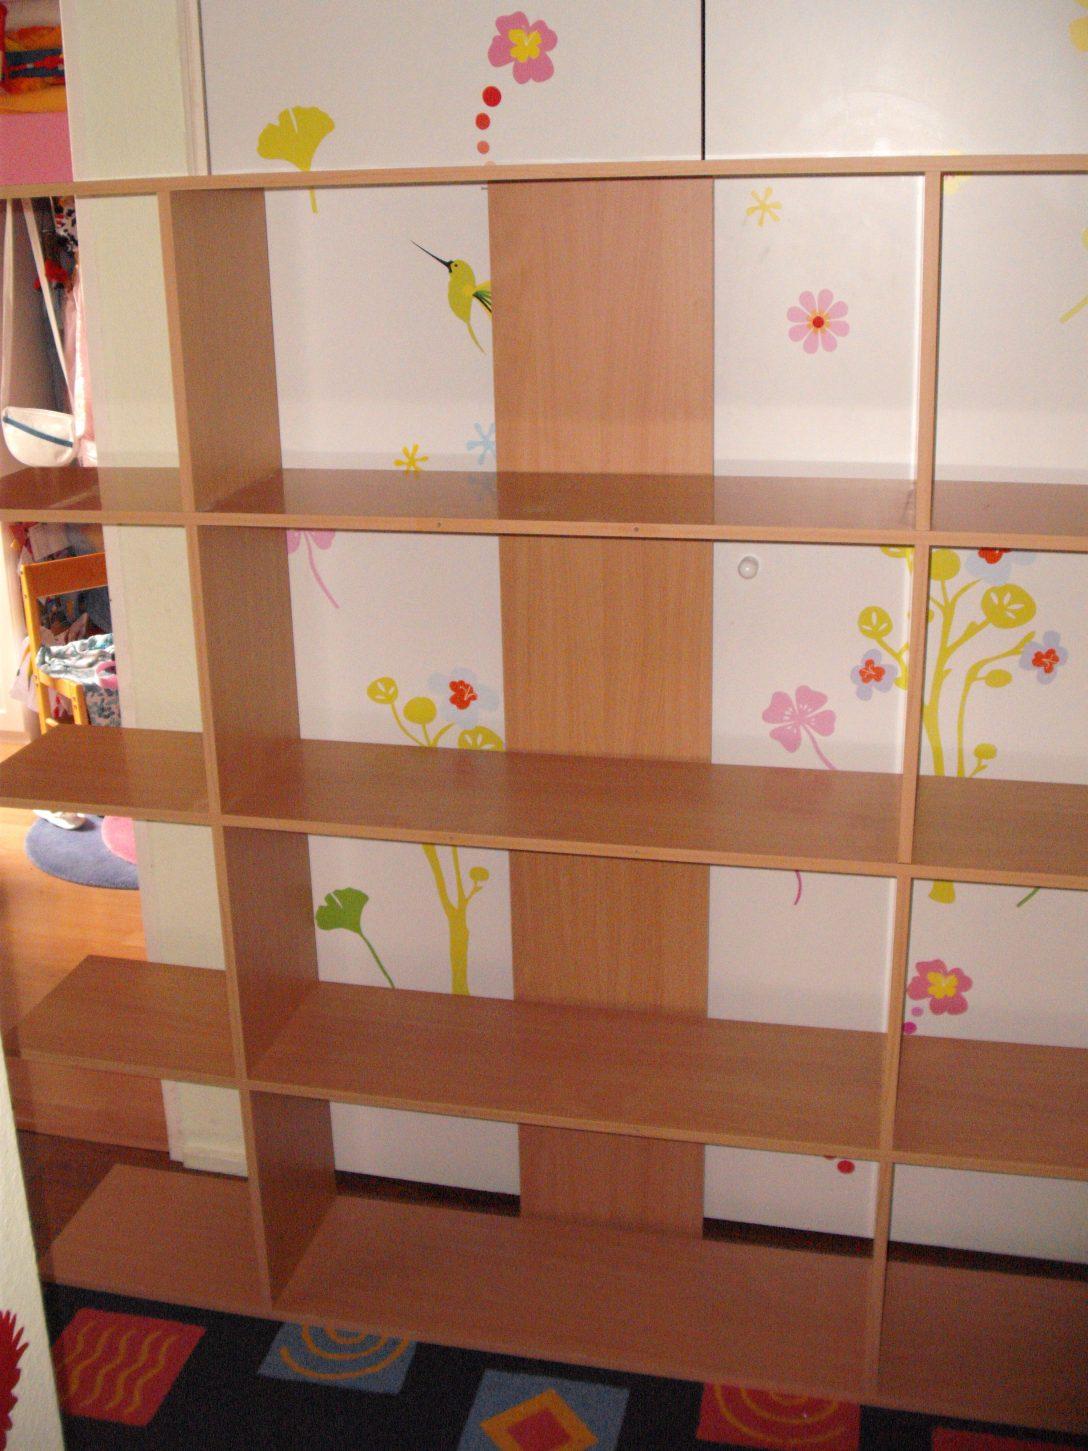 Large Size of Raumteiler Ikea Regal Onkel Buche In Berlin Mbel Und Haushalt Kleinanzeigen Modulküche Küche Kaufen Sofa Mit Schlaffunktion Betten 160x200 Miniküche Kosten Wohnzimmer Raumteiler Ikea